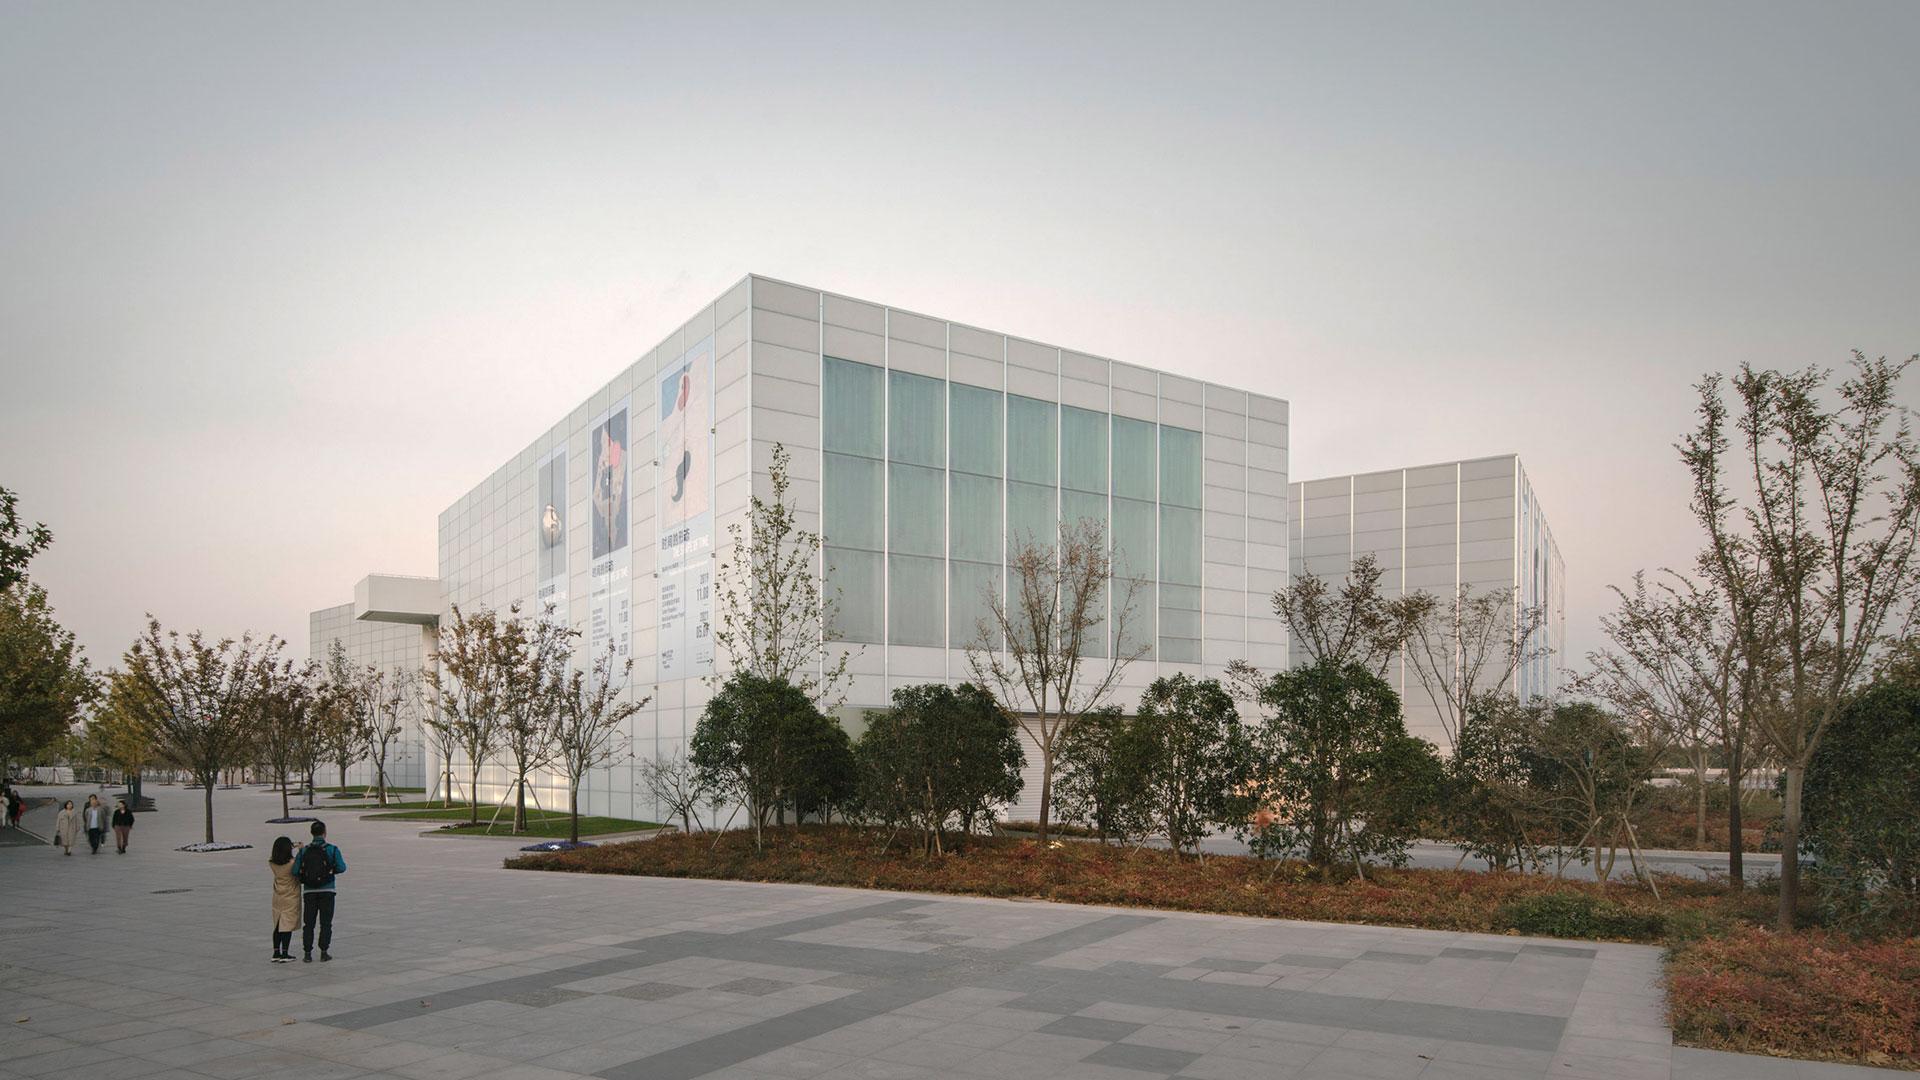 Дэвид Чипперфильд построил филиал Центра Помпиду в Шанхае